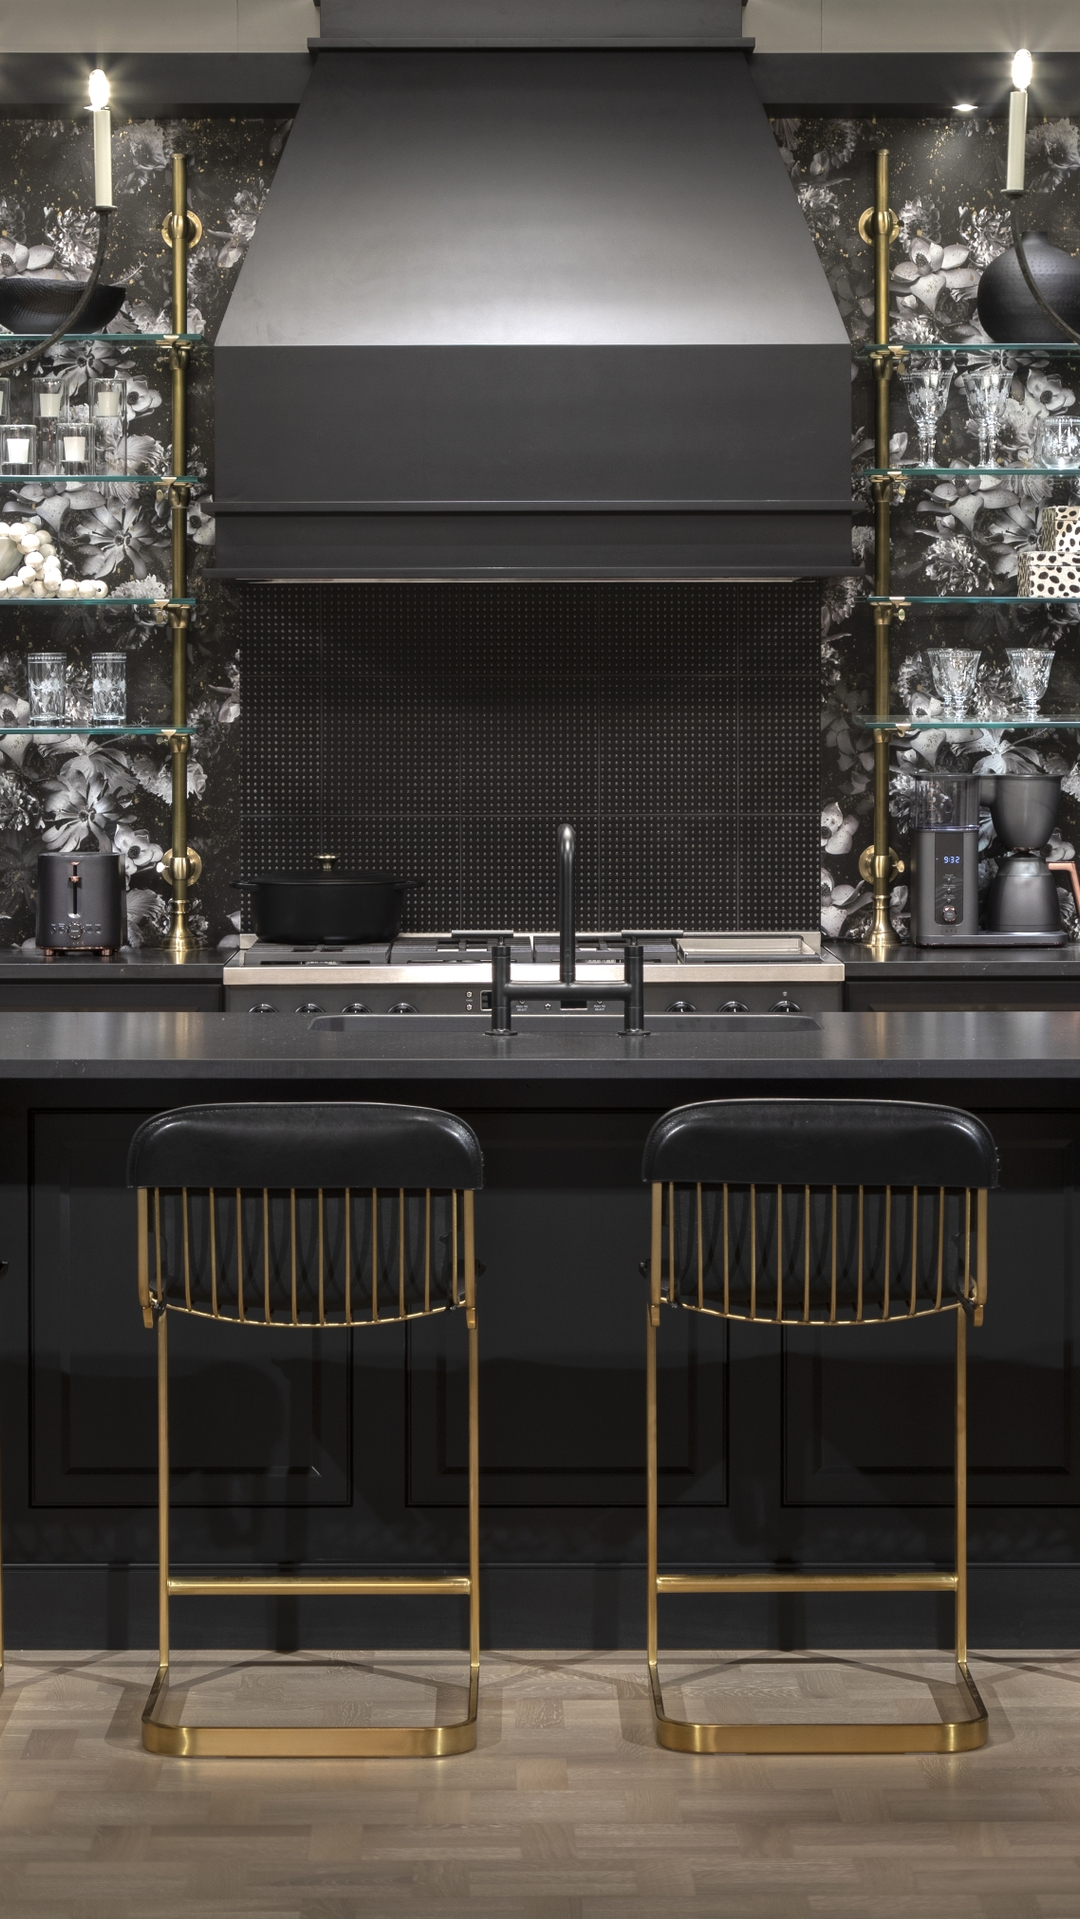 CAFÉ Midnight Luxe Kitchen: KBIS 2021